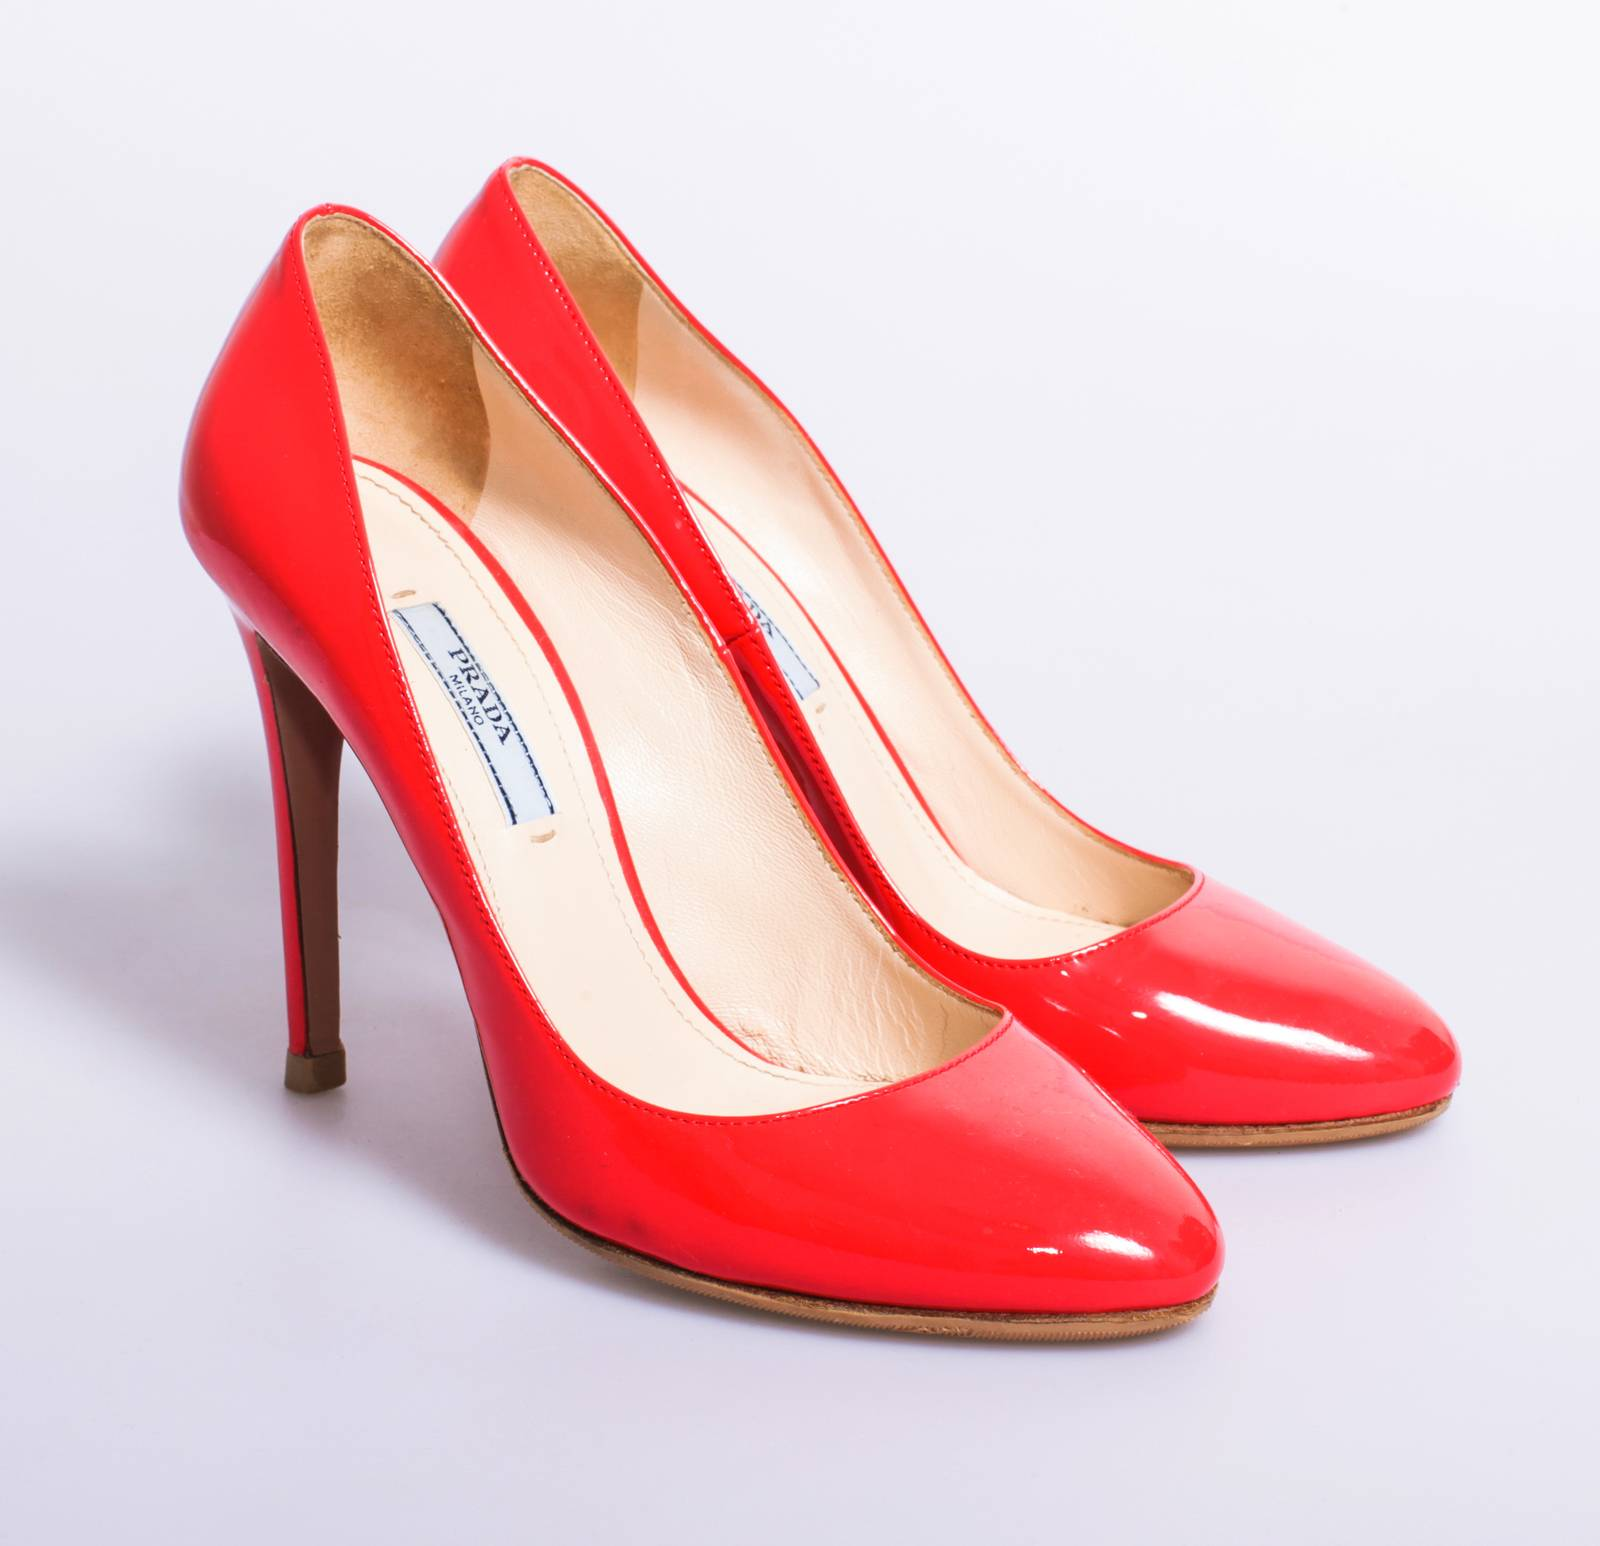 Купить туфли Prada в Москве с доставкой по цене 11200 рублей ... 501484ed903